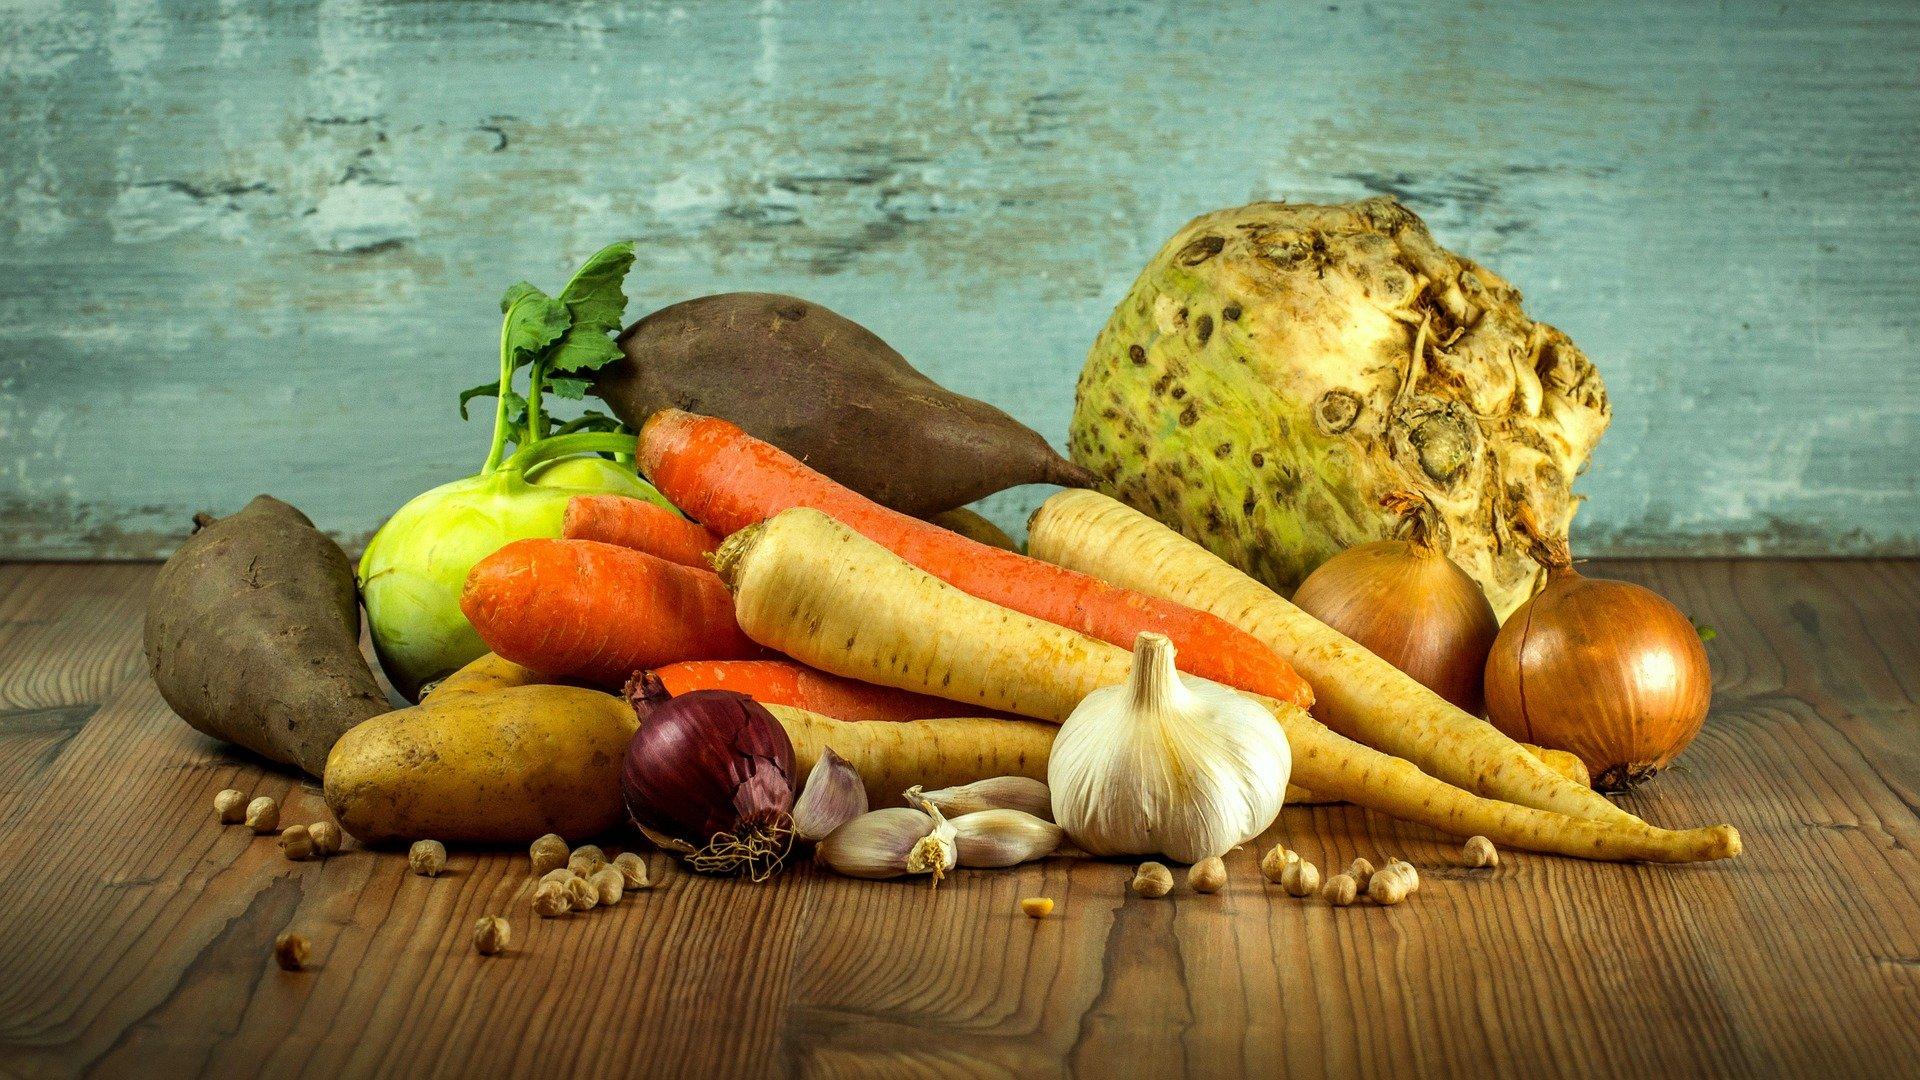 Milchsäurebakterien Vegan - frisches Gemüse